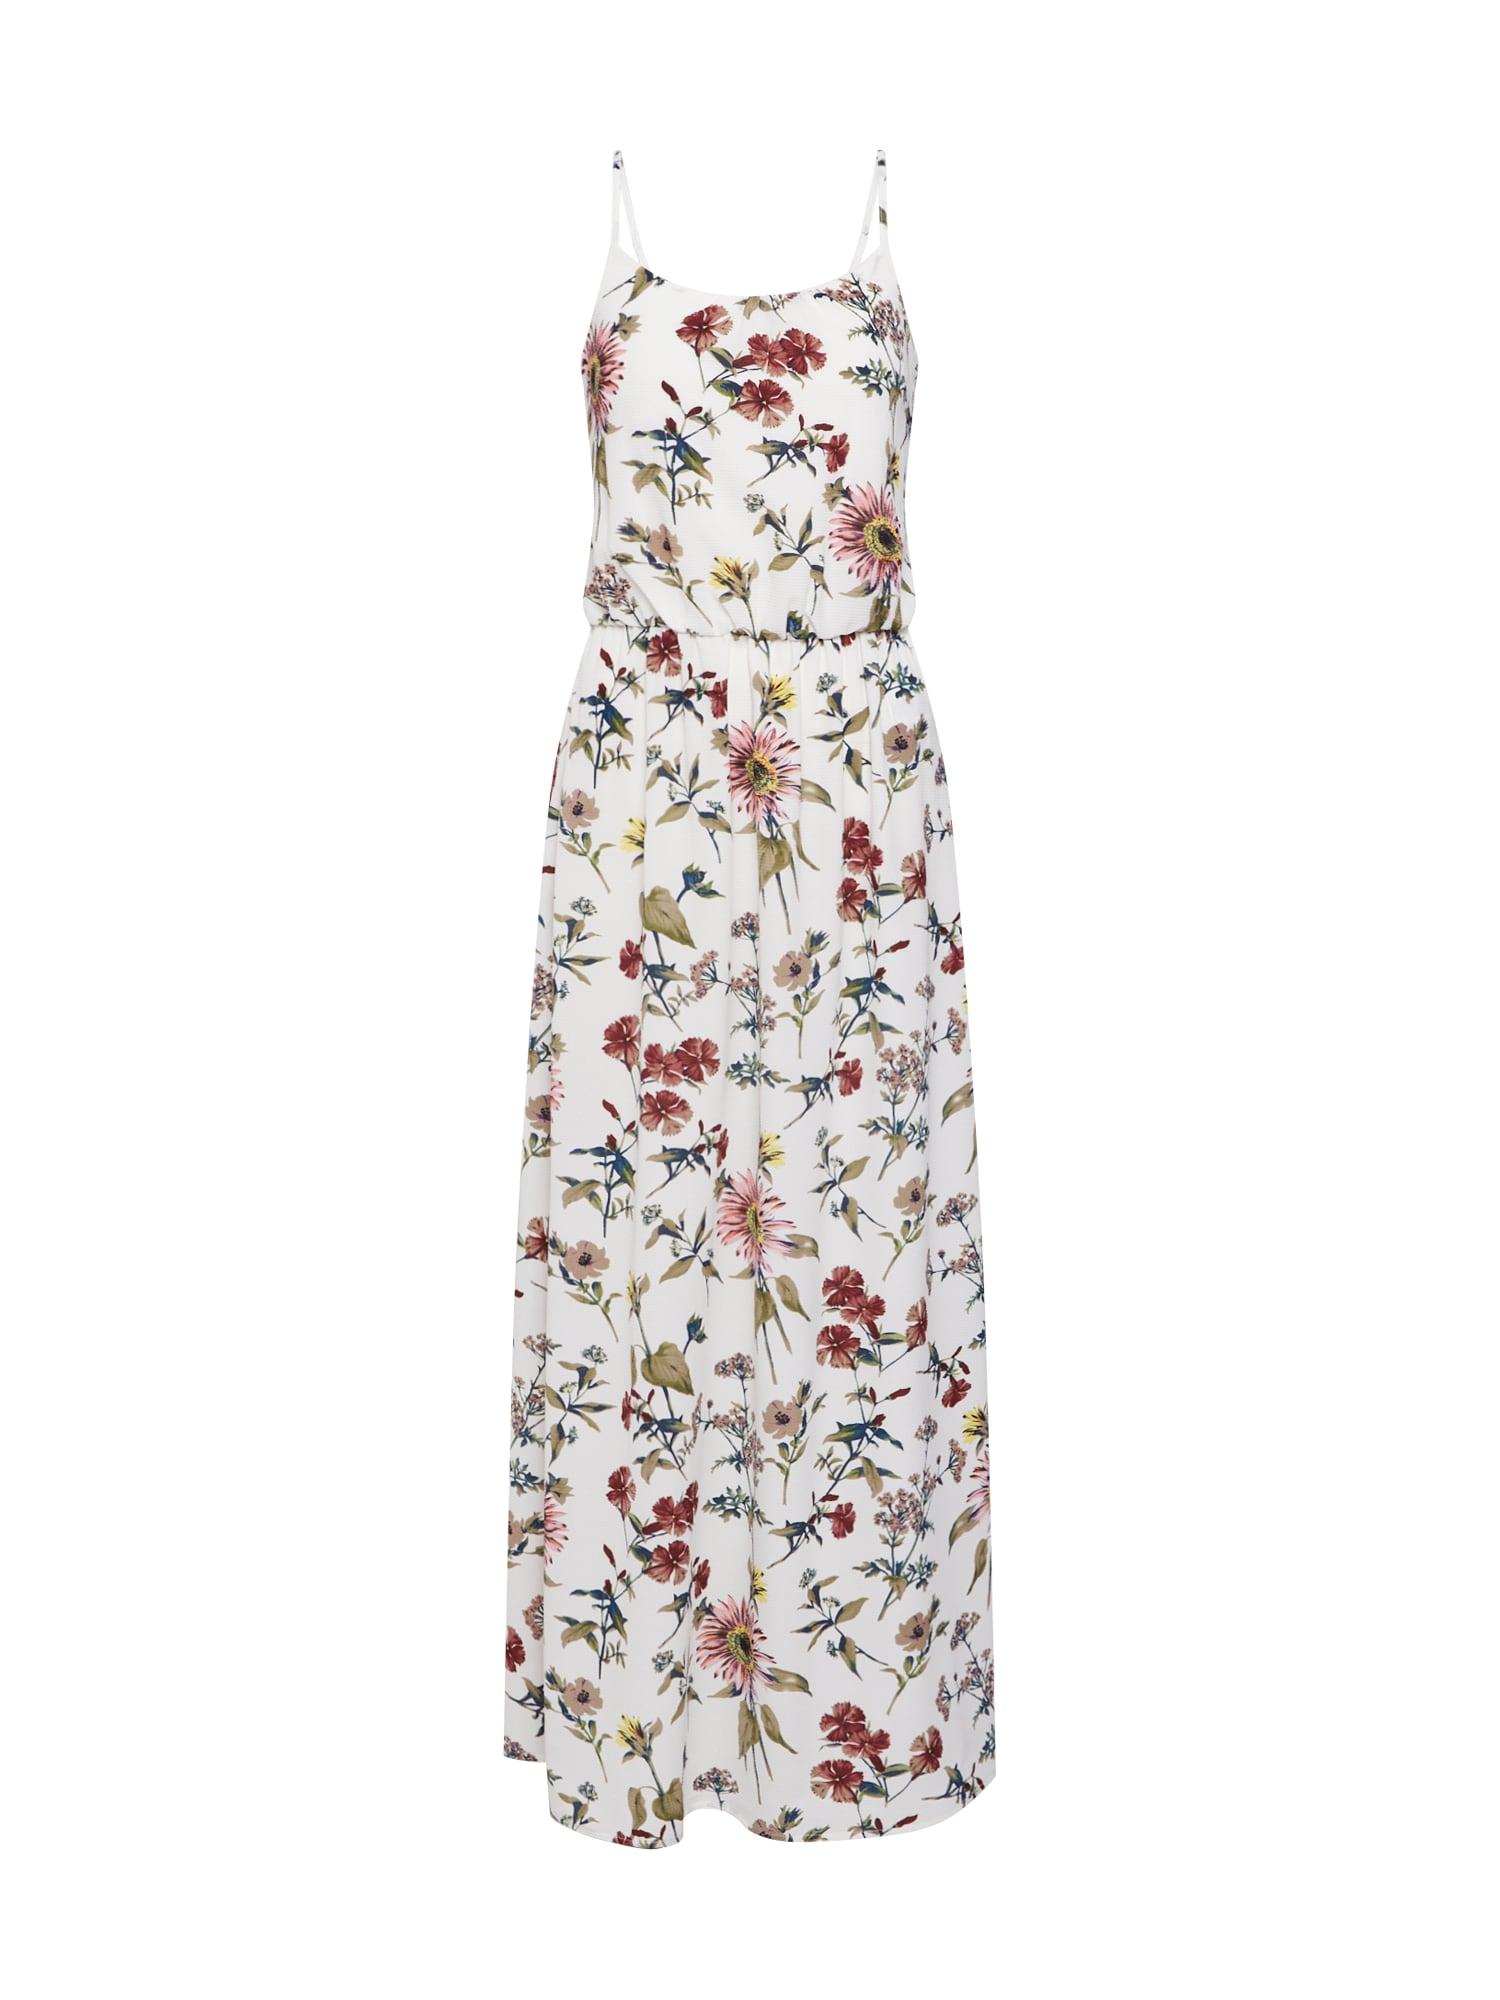 Letní šaty onlWINNER SL MAXIDRESS WVN trávově zelená starorůžová bílá ONLY